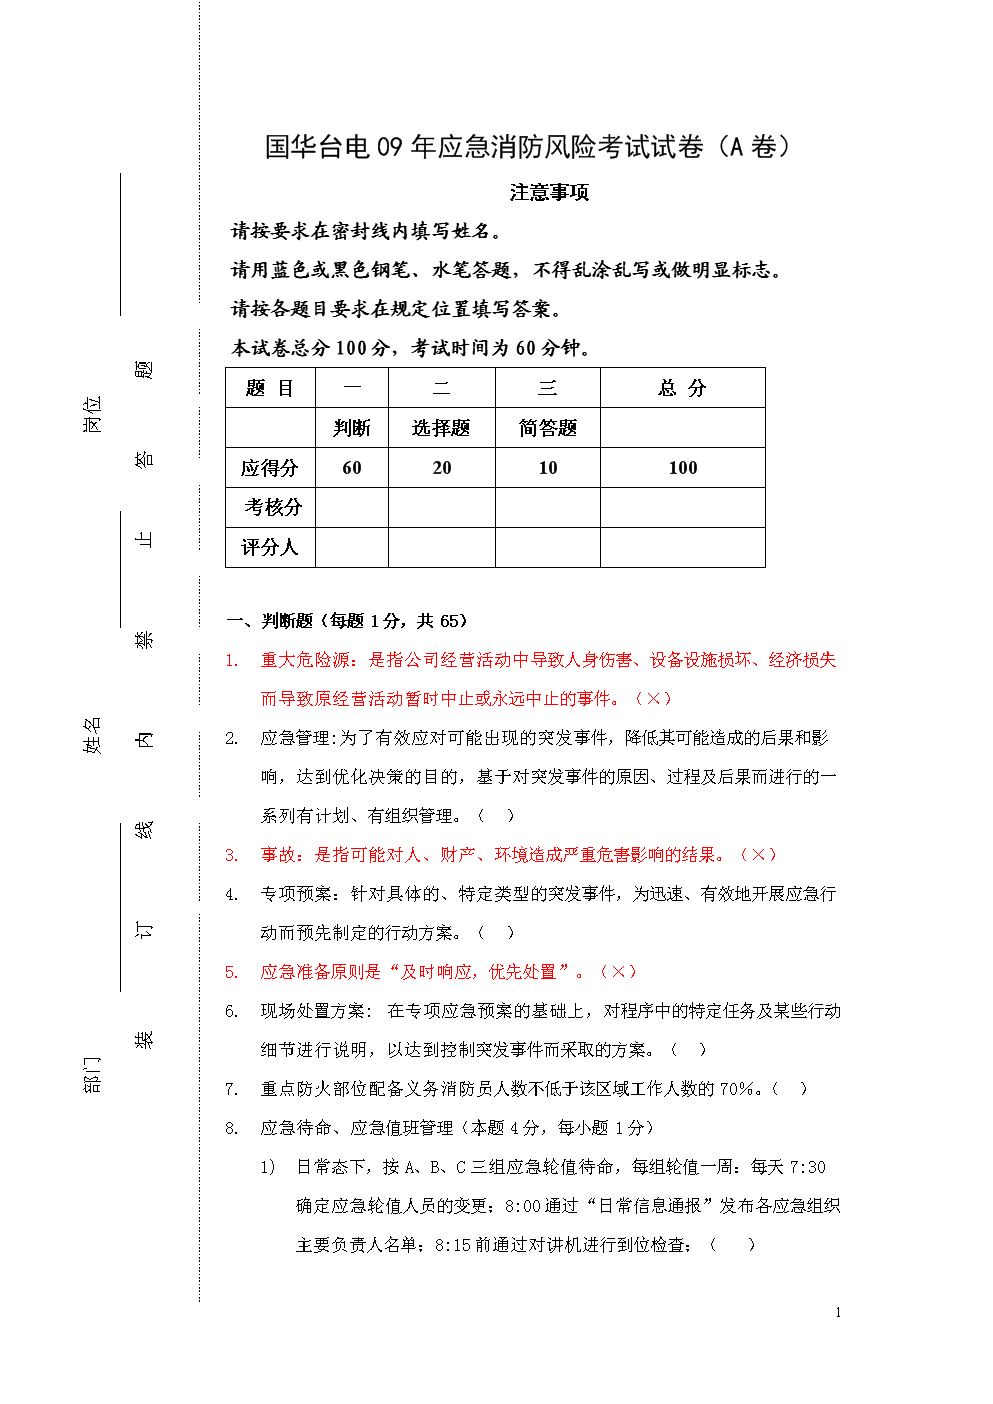 答案风险应急消防考试试卷(A卷).doc